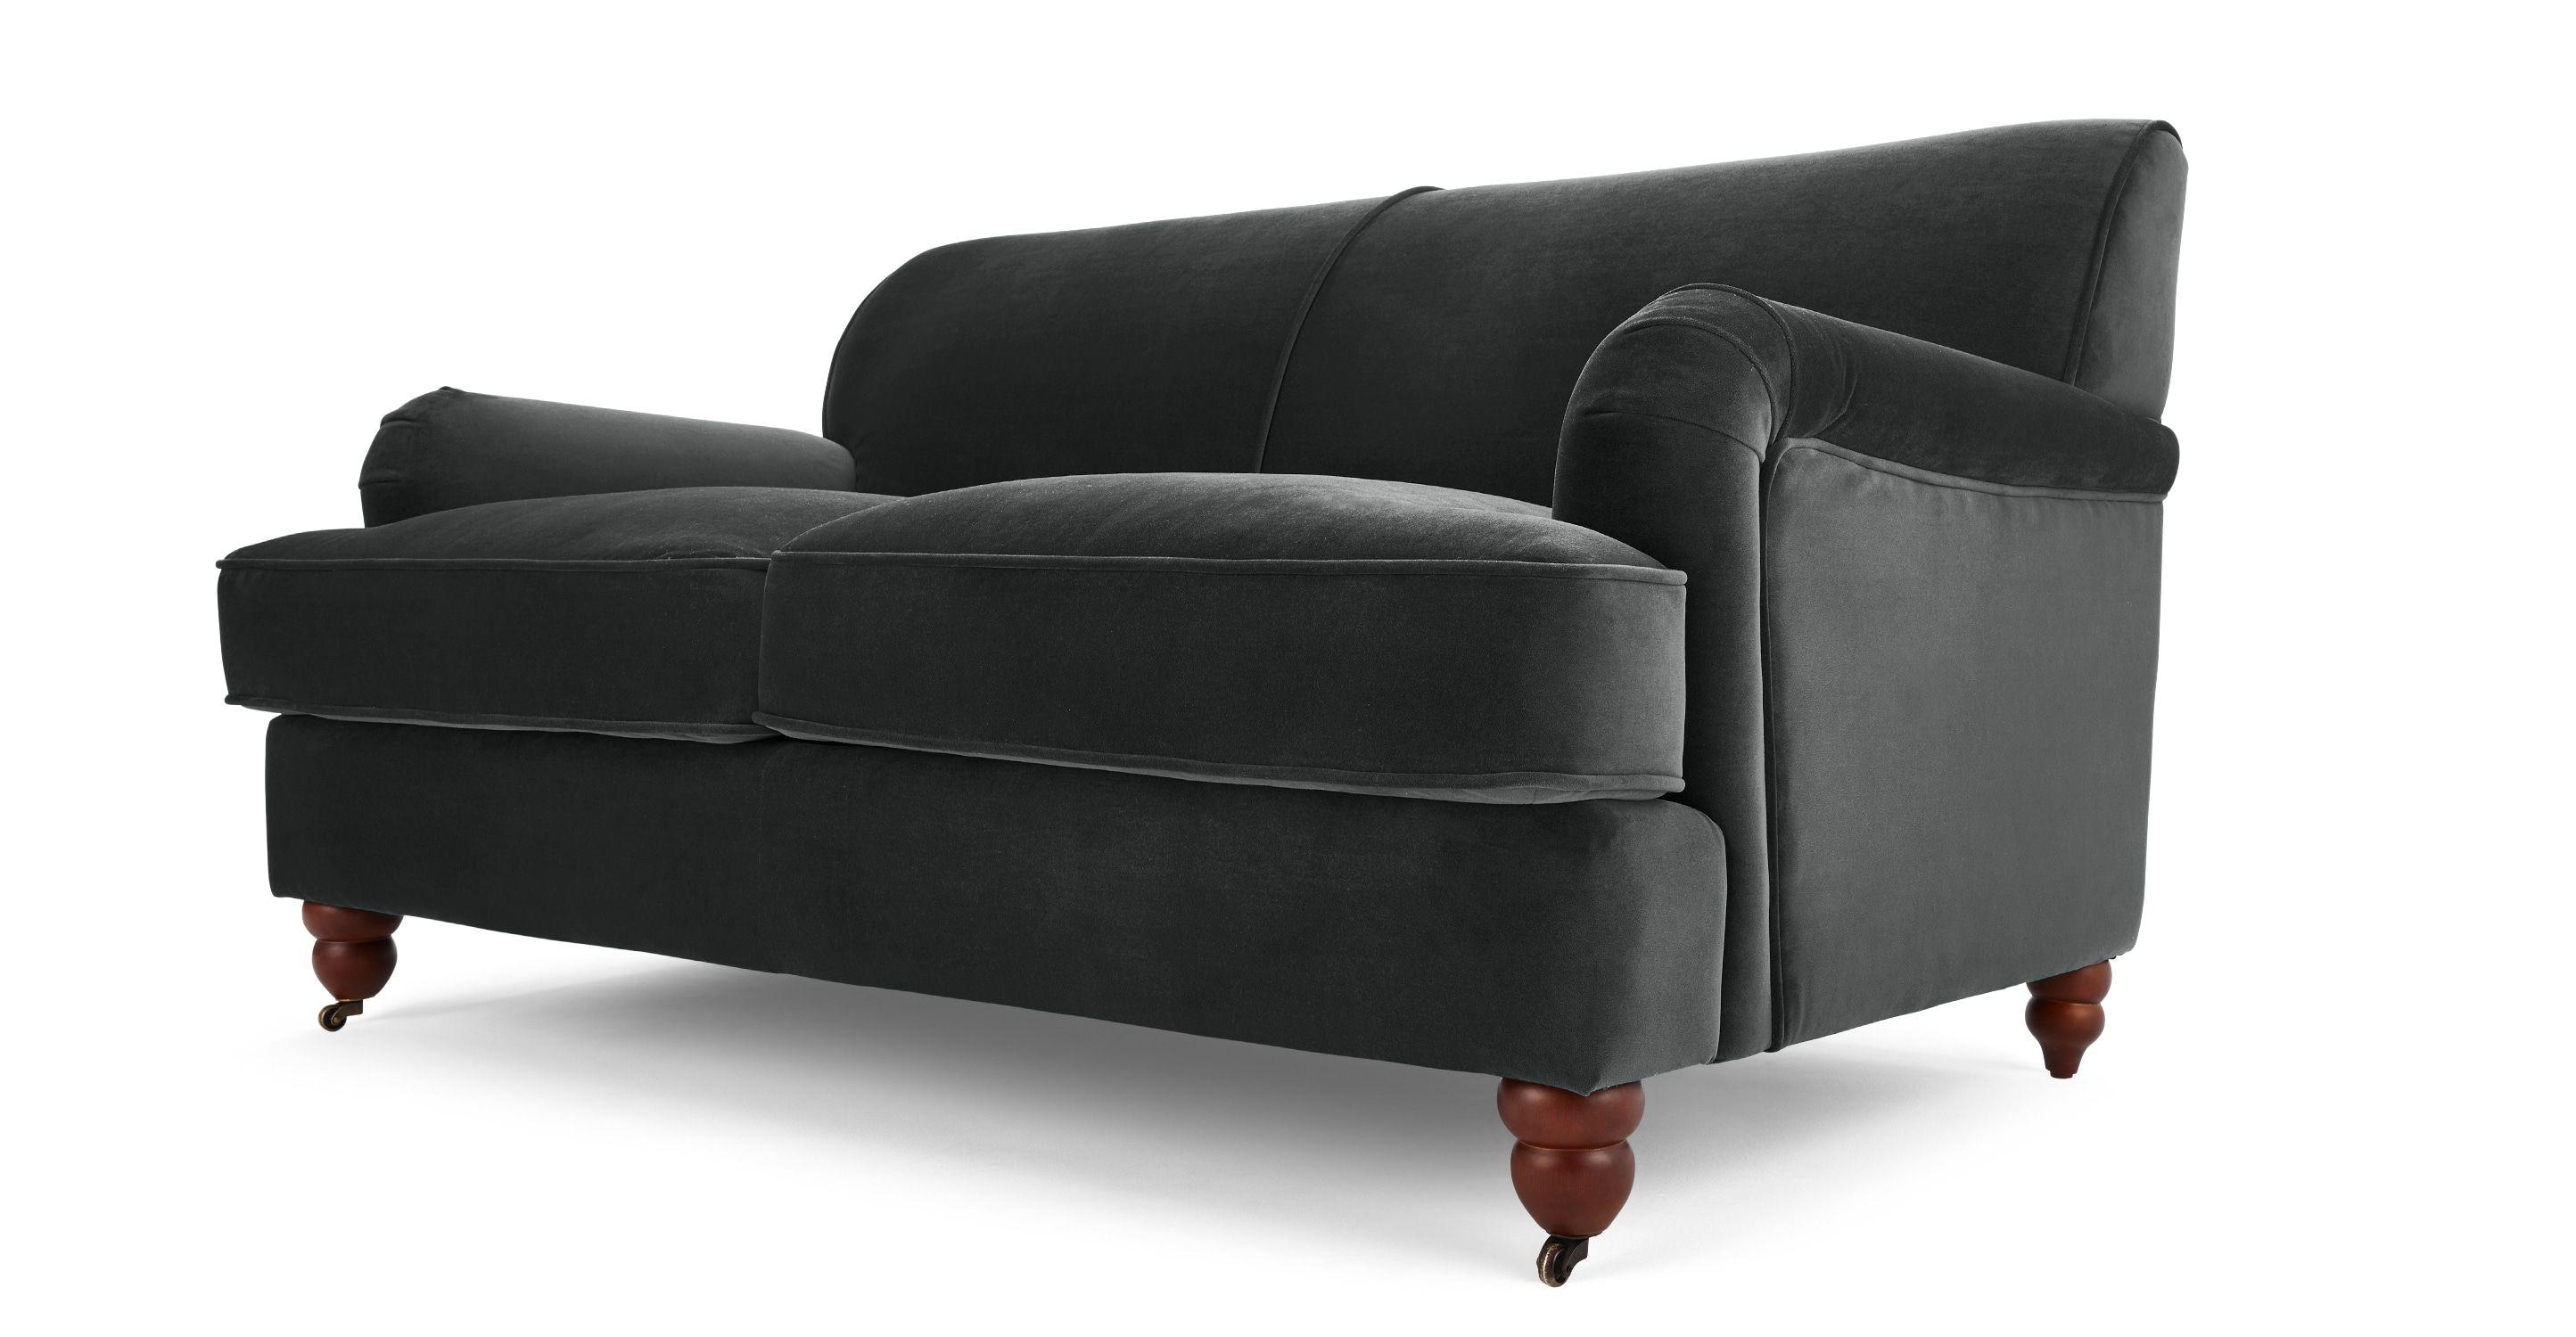 awesome 2 Sitzer Sofas Orson 2 Sitzer Sofa Samt in Nachtgrau